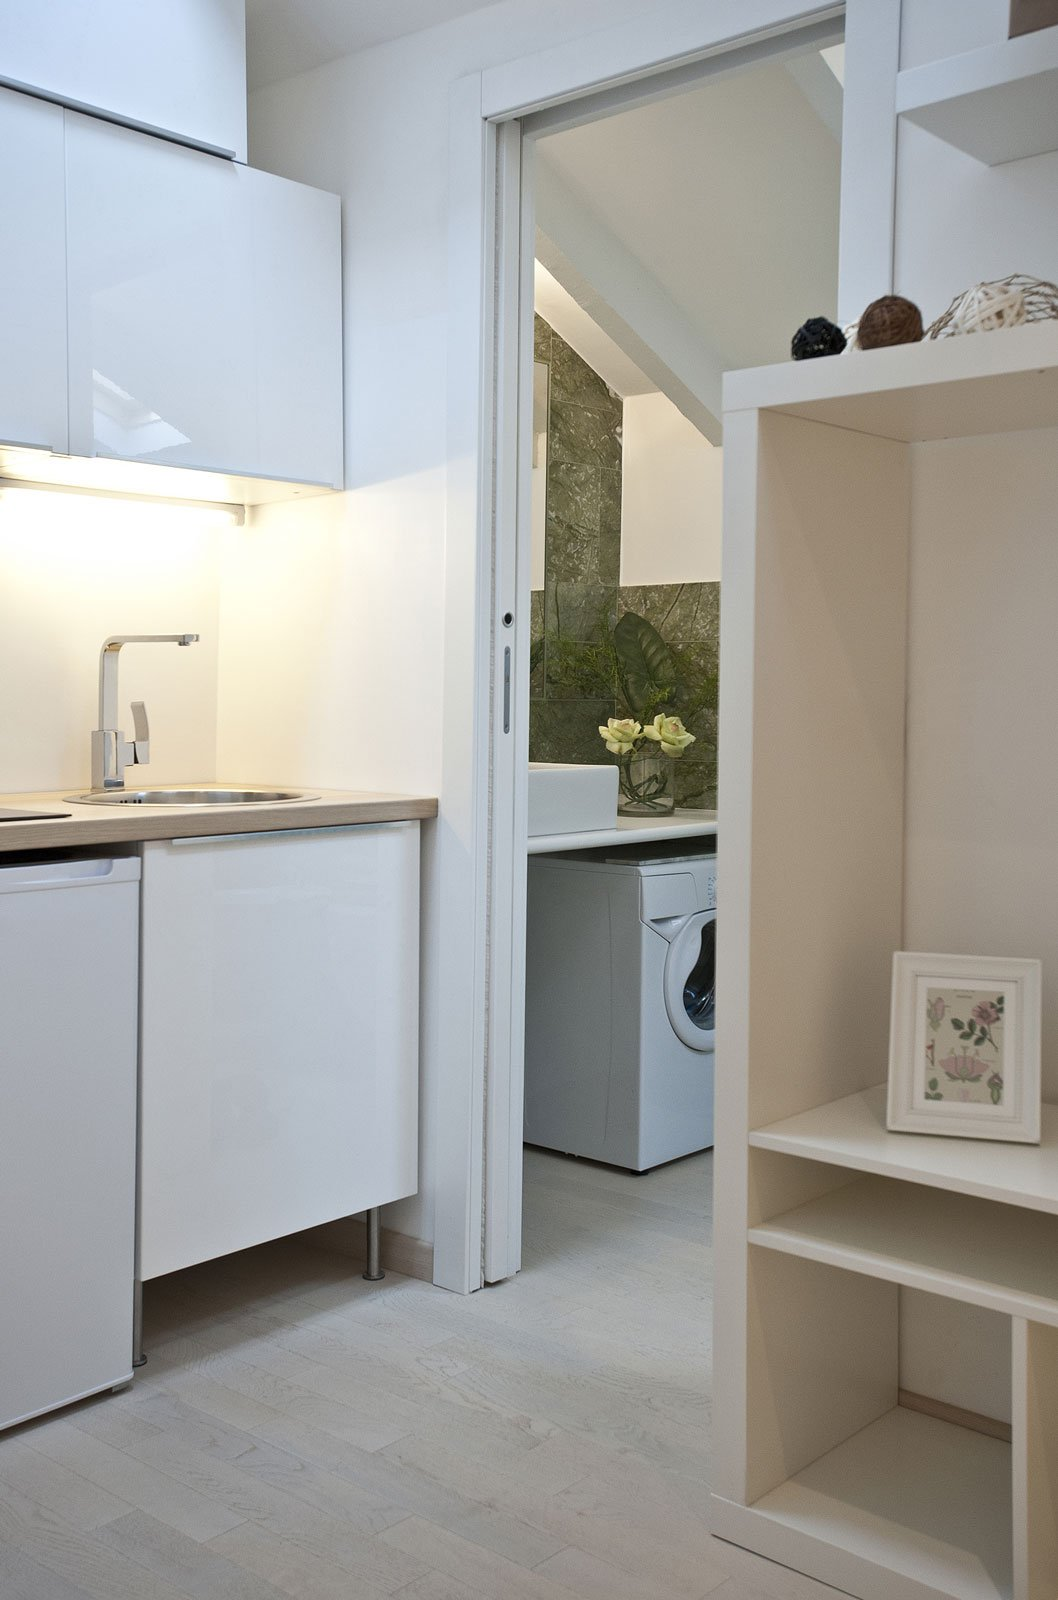 Monolocale sottotetto un piccolo gioiello di 27 mq cose di casa - Bagno e antibagno ...